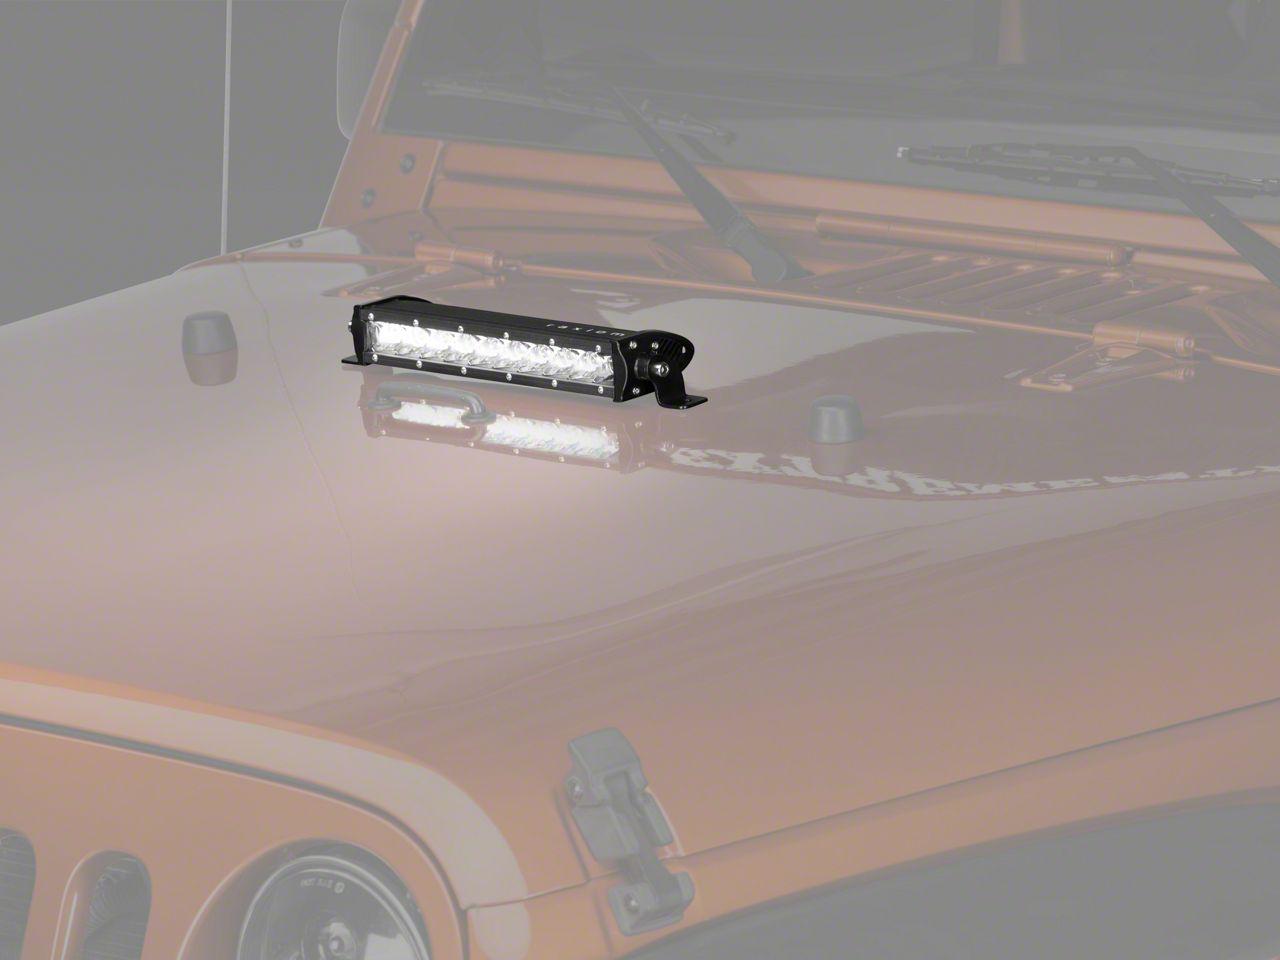 Raxiom 13.2 in. Slim LED Light Bar - Flood/Spot Combo